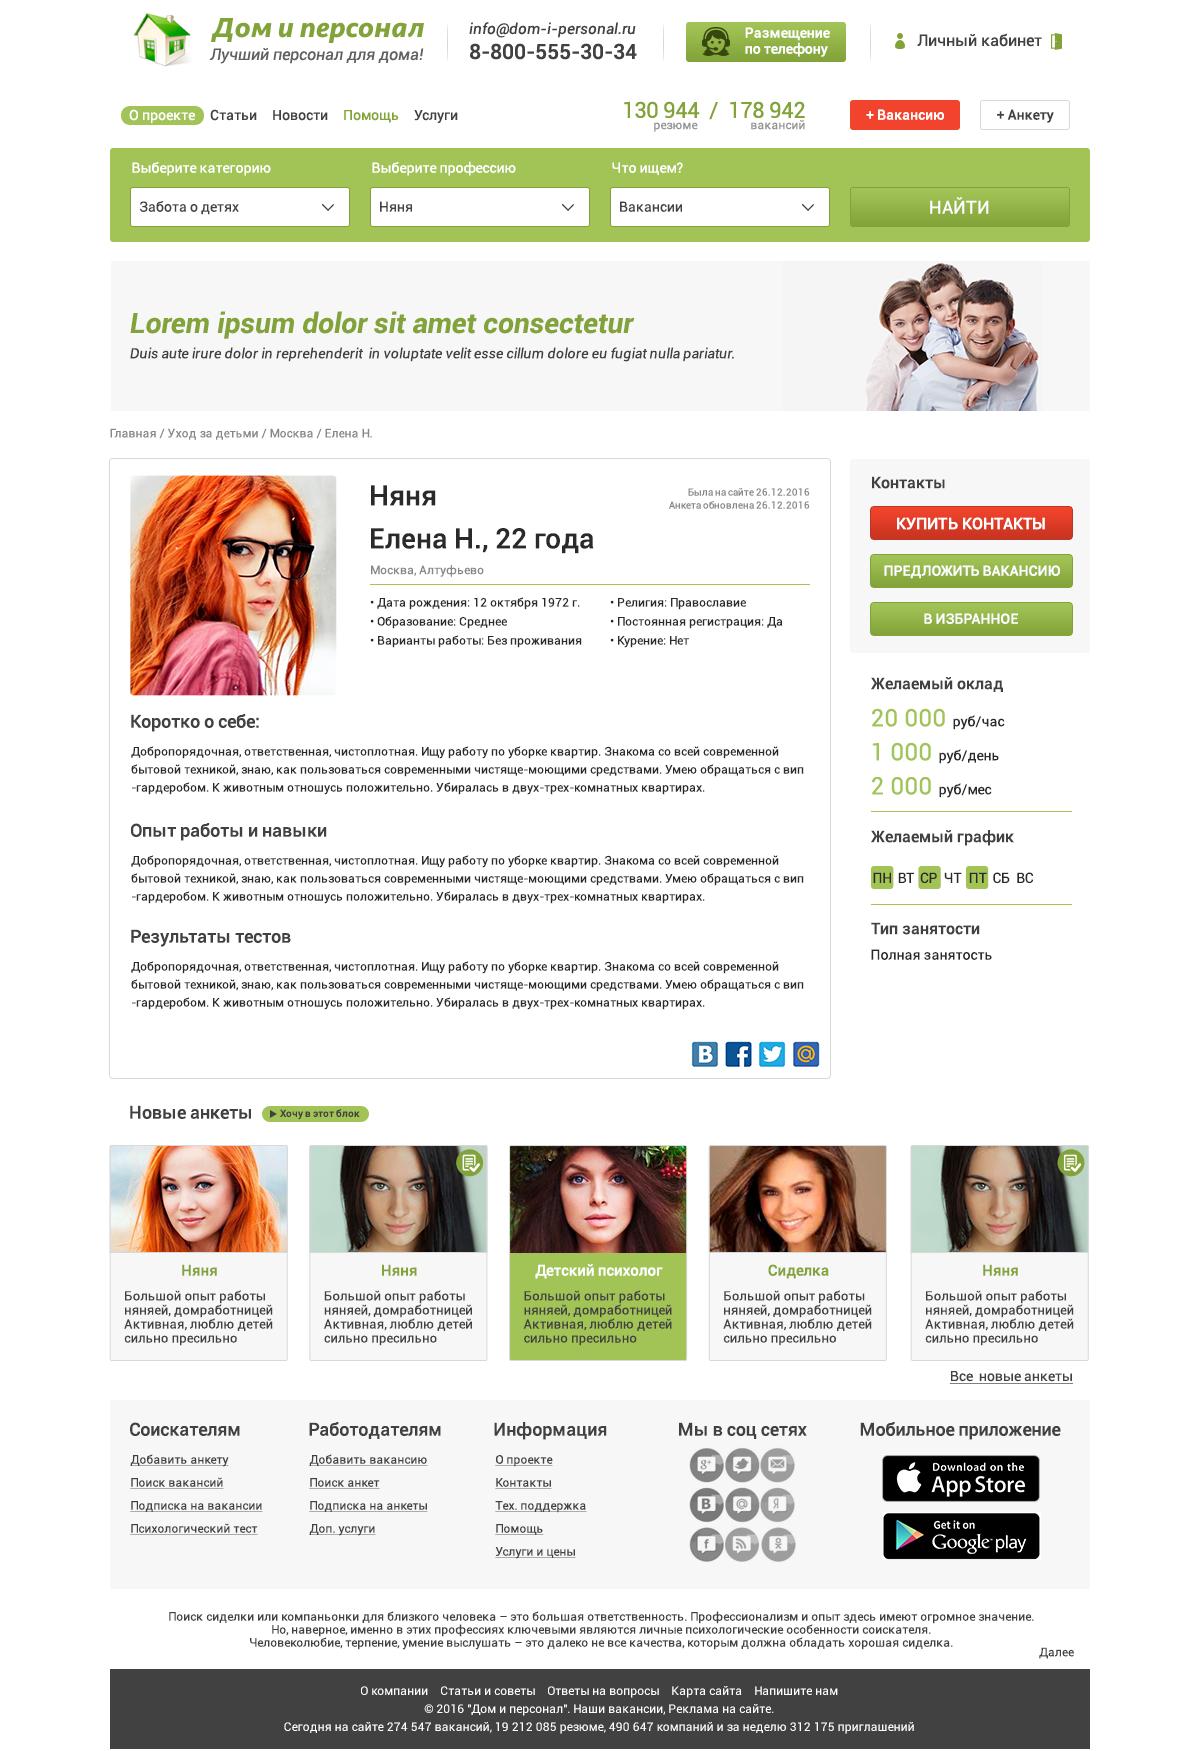 search_worker_profilenew